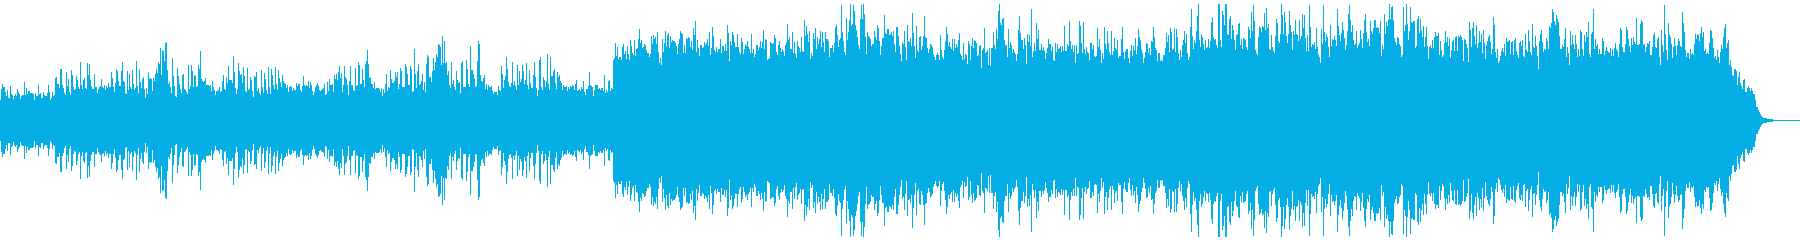 アコースティックギター草原のイメージの再生済みの波形